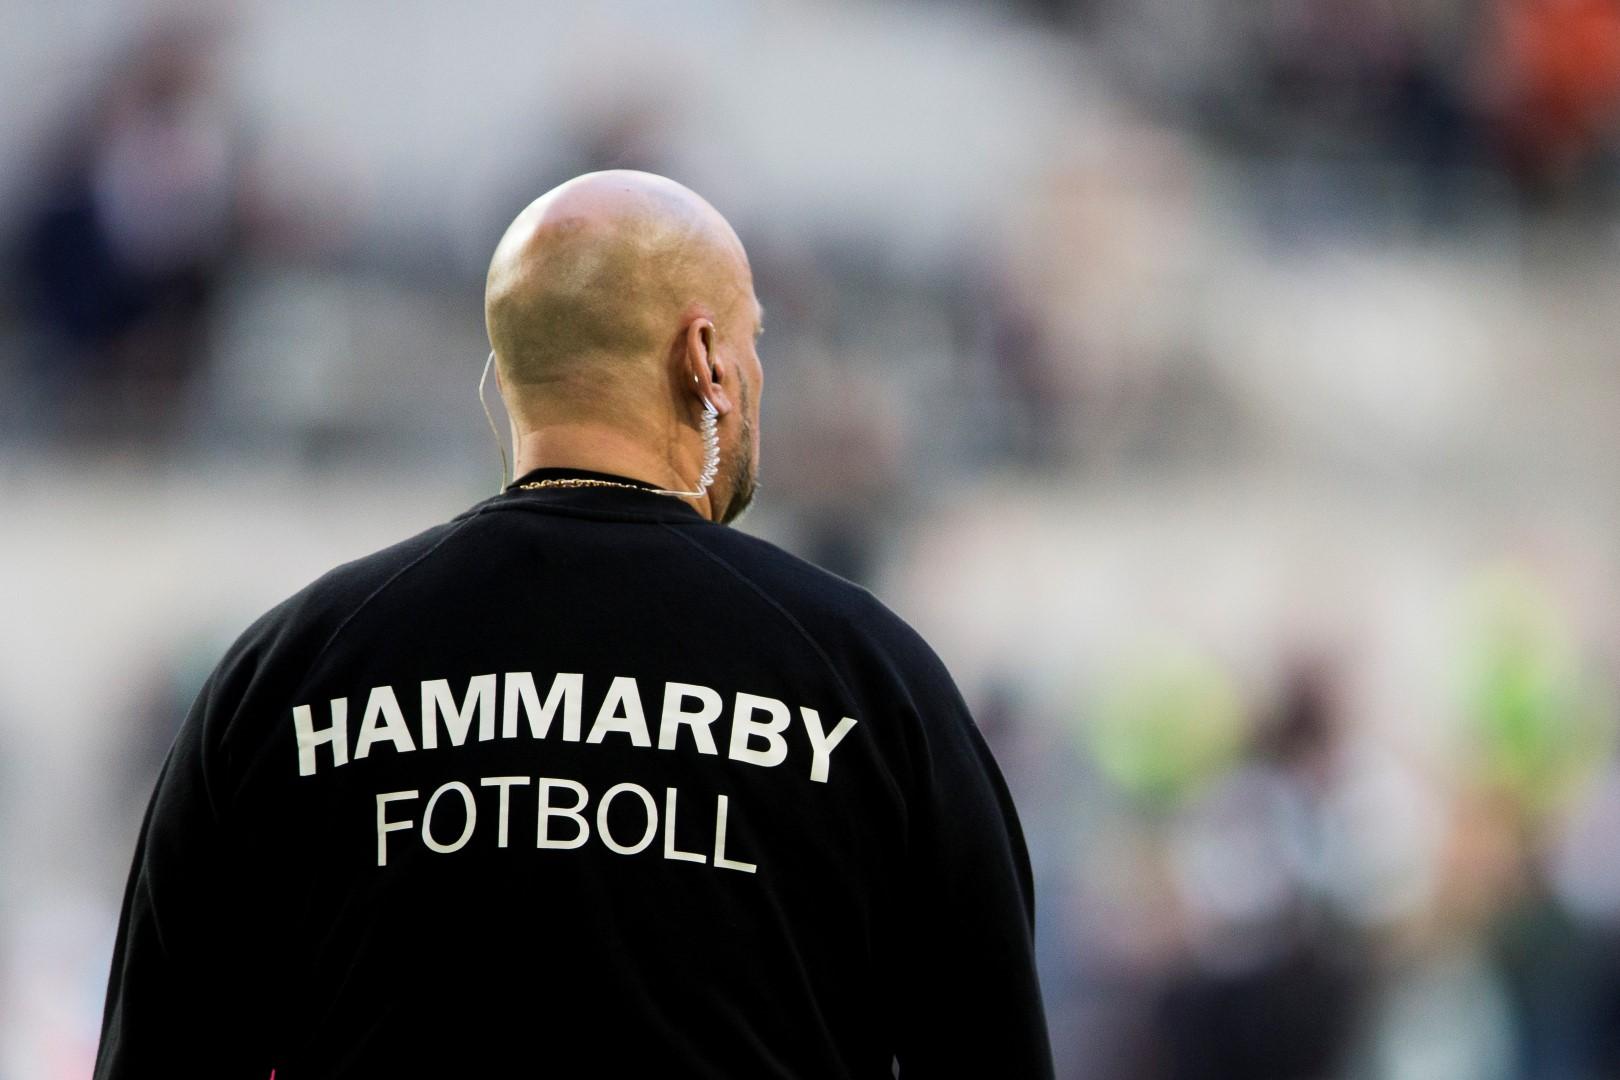 160501 Säkerhetspersonal under fotbollsmatchen i Allsvenskan mellan Hammarby och Sundsvall den 1 maj 2016 i Stockholm. Foto: Andreas L Eriksson / Bildbyrån / kod AE / Cop 106